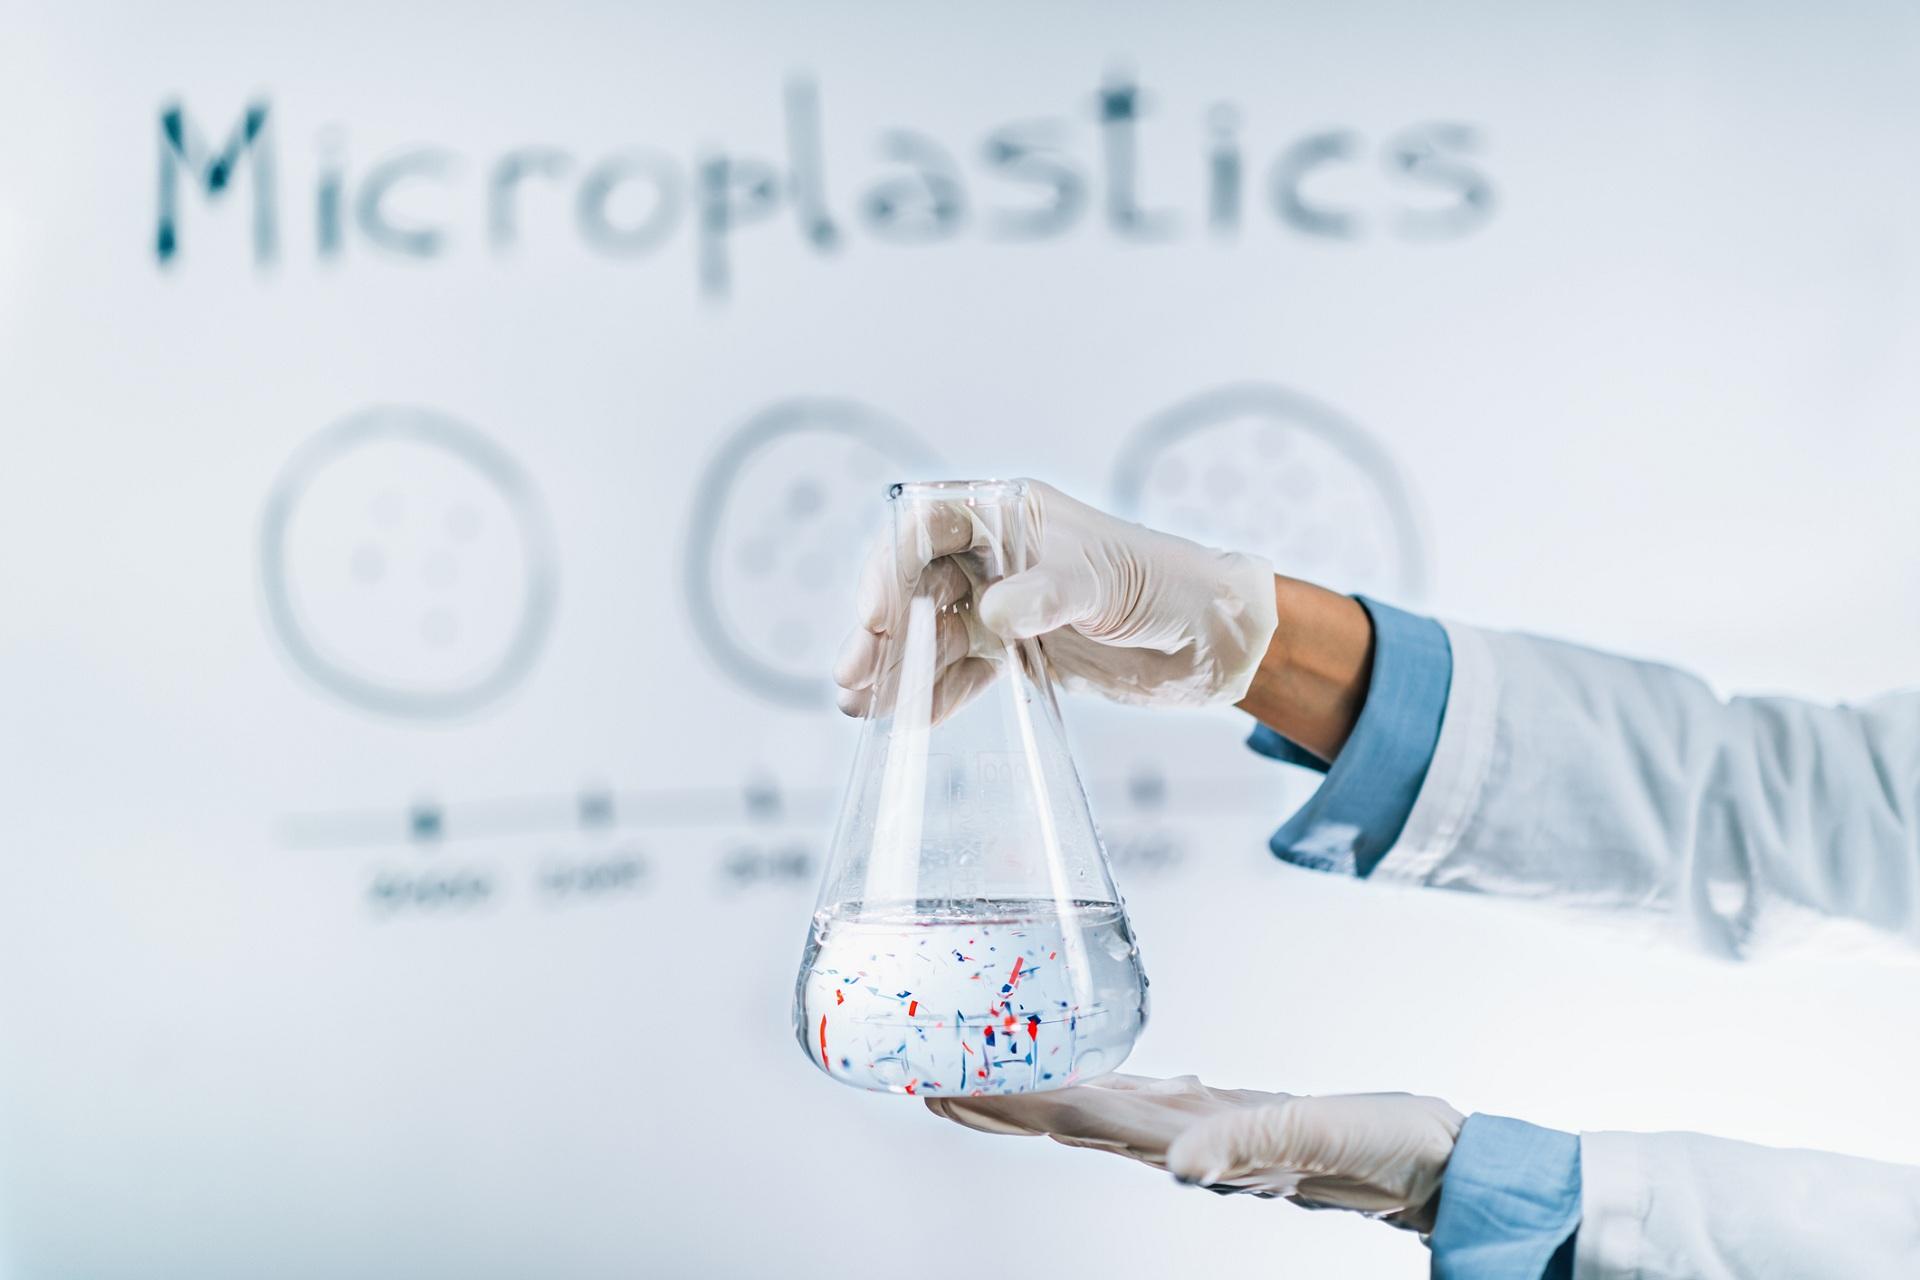 Невидимый и опасный: Что такое загрязнение микропластиком и как этого избежать?-Фото 1